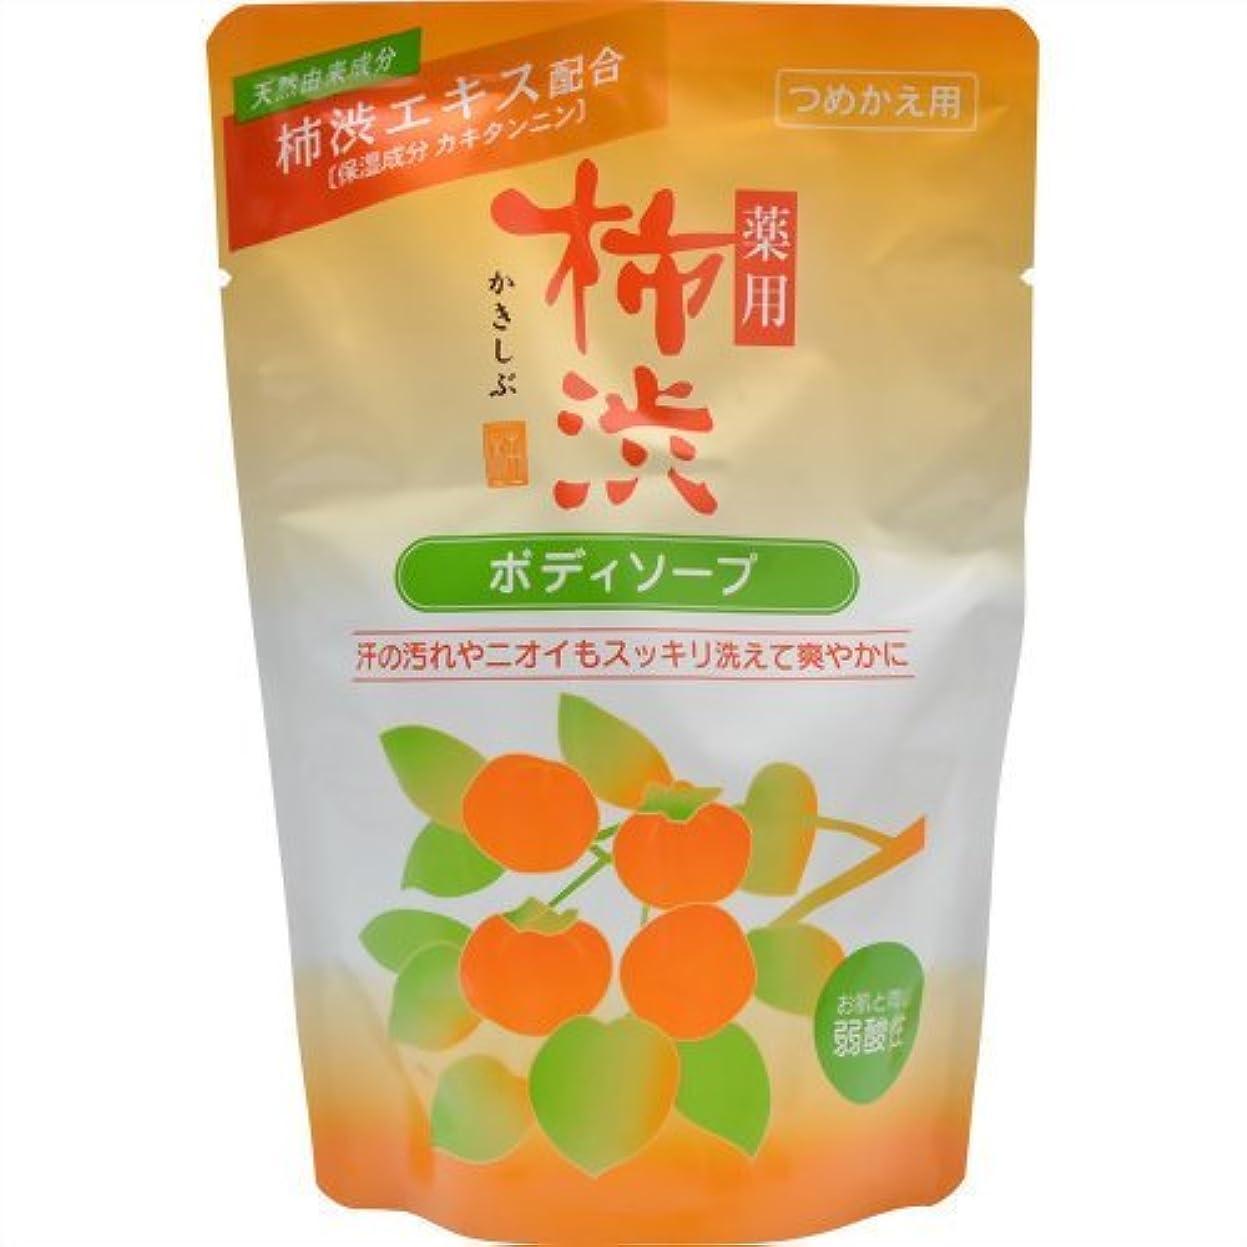 アジア人民主党効果的柿渋 ボディソープ 350ml 詰替え 3個セット